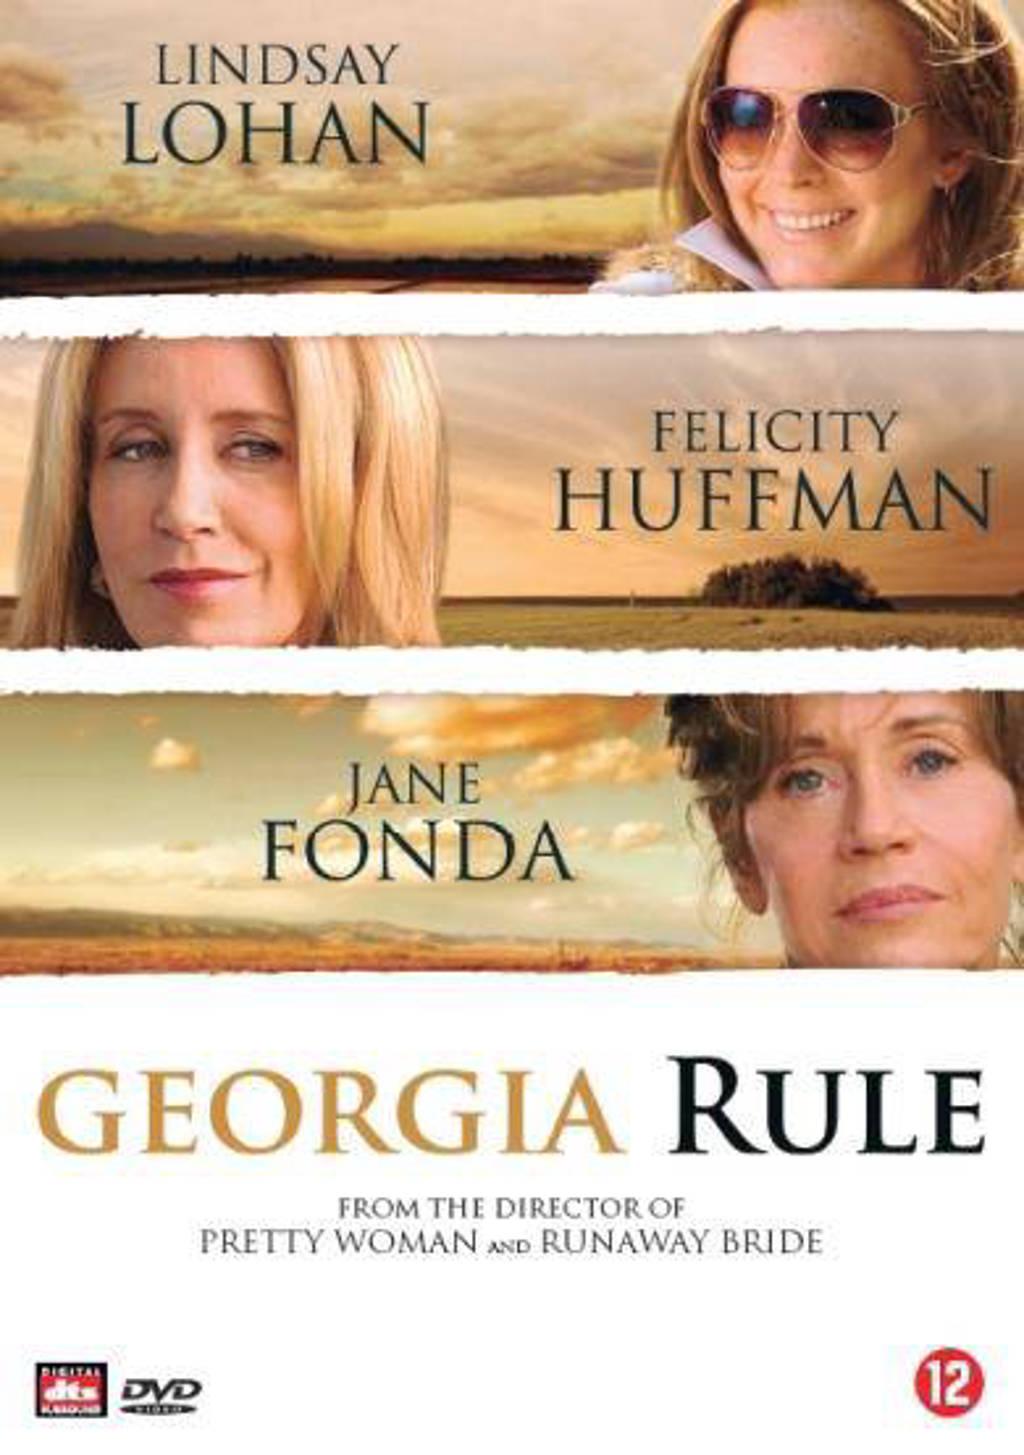 Georgia rule (DVD)